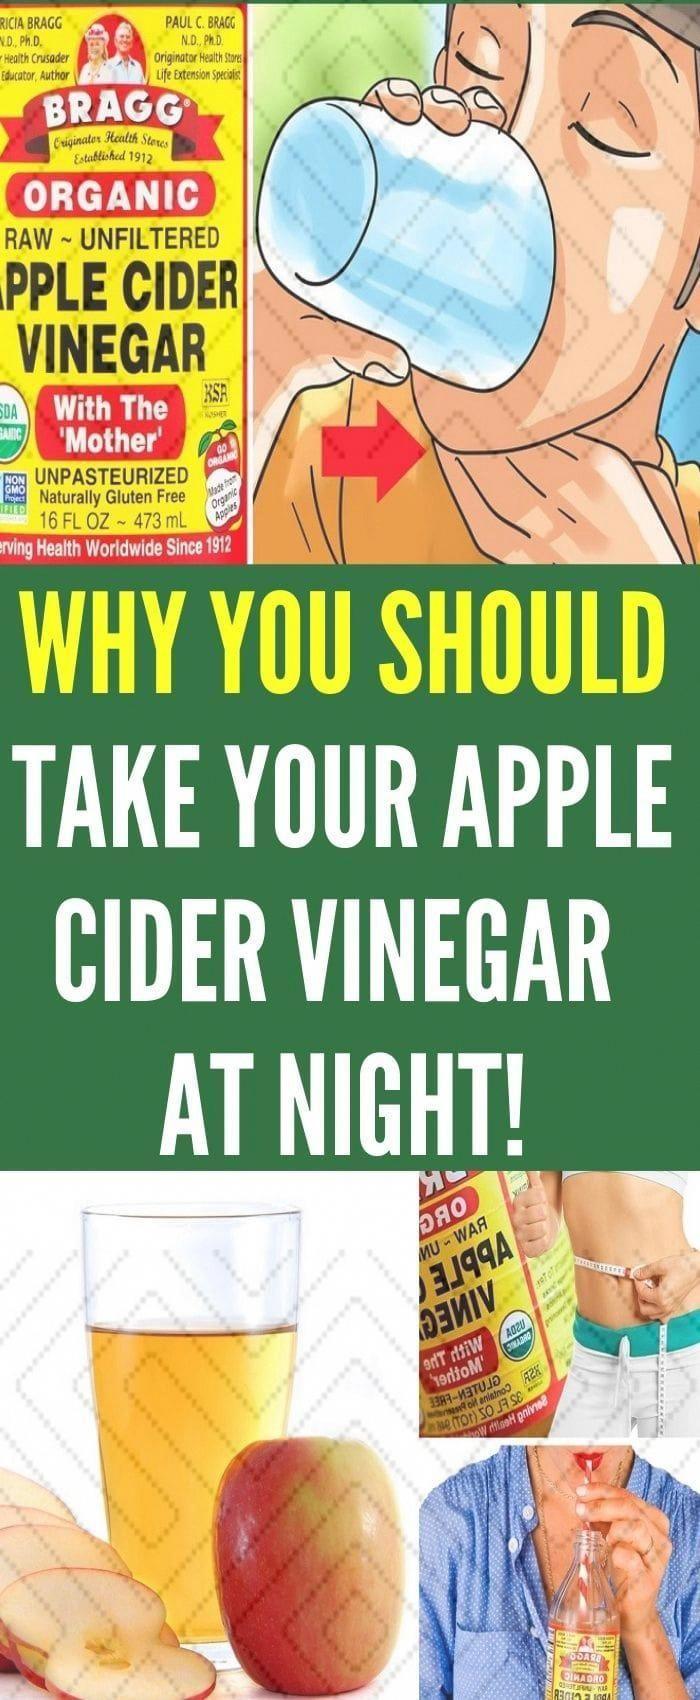 APPLE CIDER VINEGAR BENEFITS Why You Should Take Your Apple Cider Vinegar at Night #applecidervinegarbenefits APPLE CIDER VINEGAR BENEFITS Why You Should Take Your Apple Cider Vinegar at Night #applecidervinegarbenefits APPLE CIDER VINEGAR BENEFITS Why You Should Take Your Apple Cider Vinegar at Night #applecidervinegarbenefits APPLE CIDER VINEGAR BENEFITS Why You Should Take Your Apple Cider Vinegar at Night #applecidervinegarbenefits